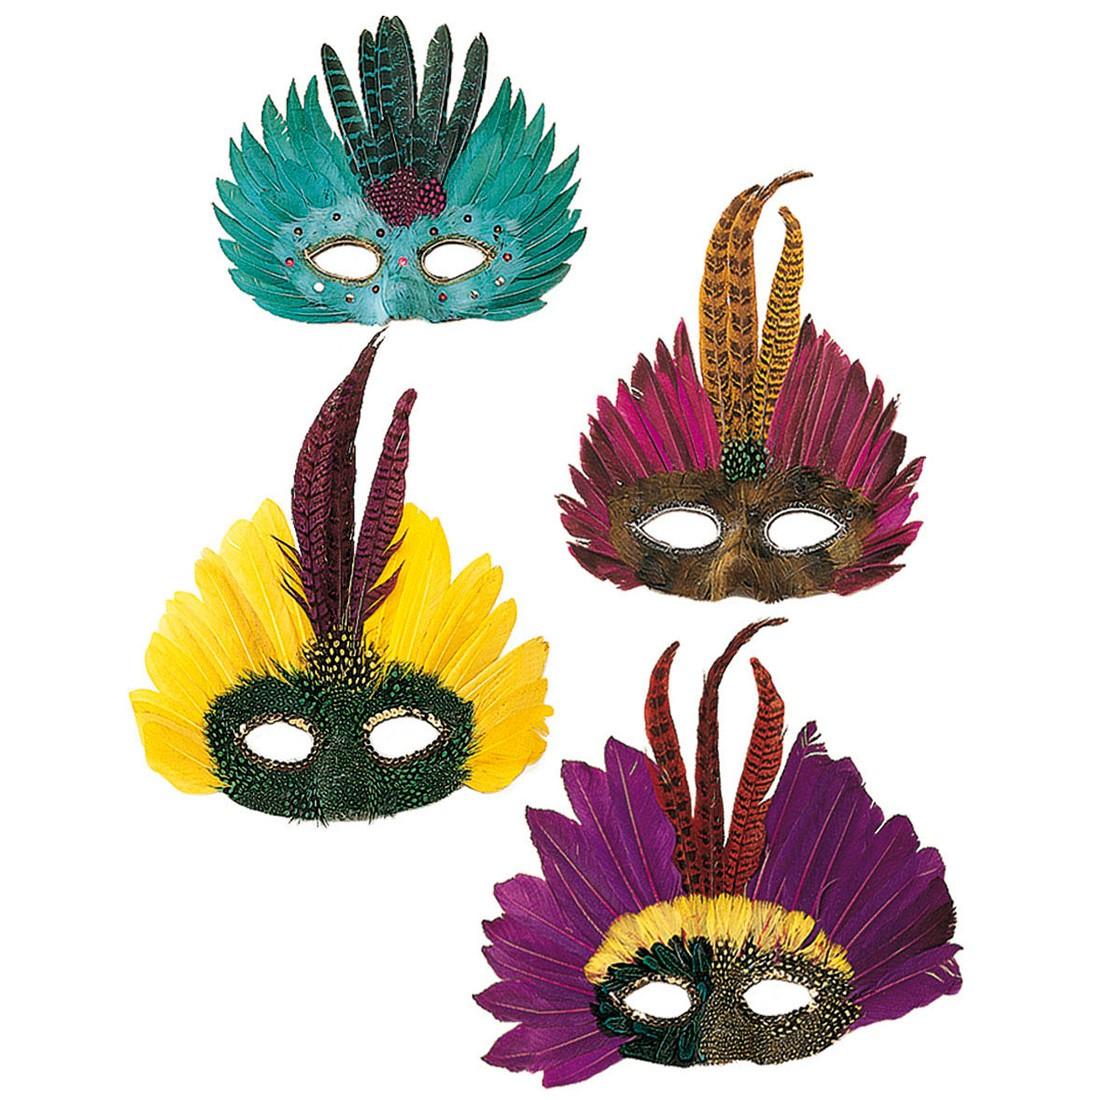 brasilien karneval maske venezianische federmaske colombina karnevalsmaske rio 5 99. Black Bedroom Furniture Sets. Home Design Ideas